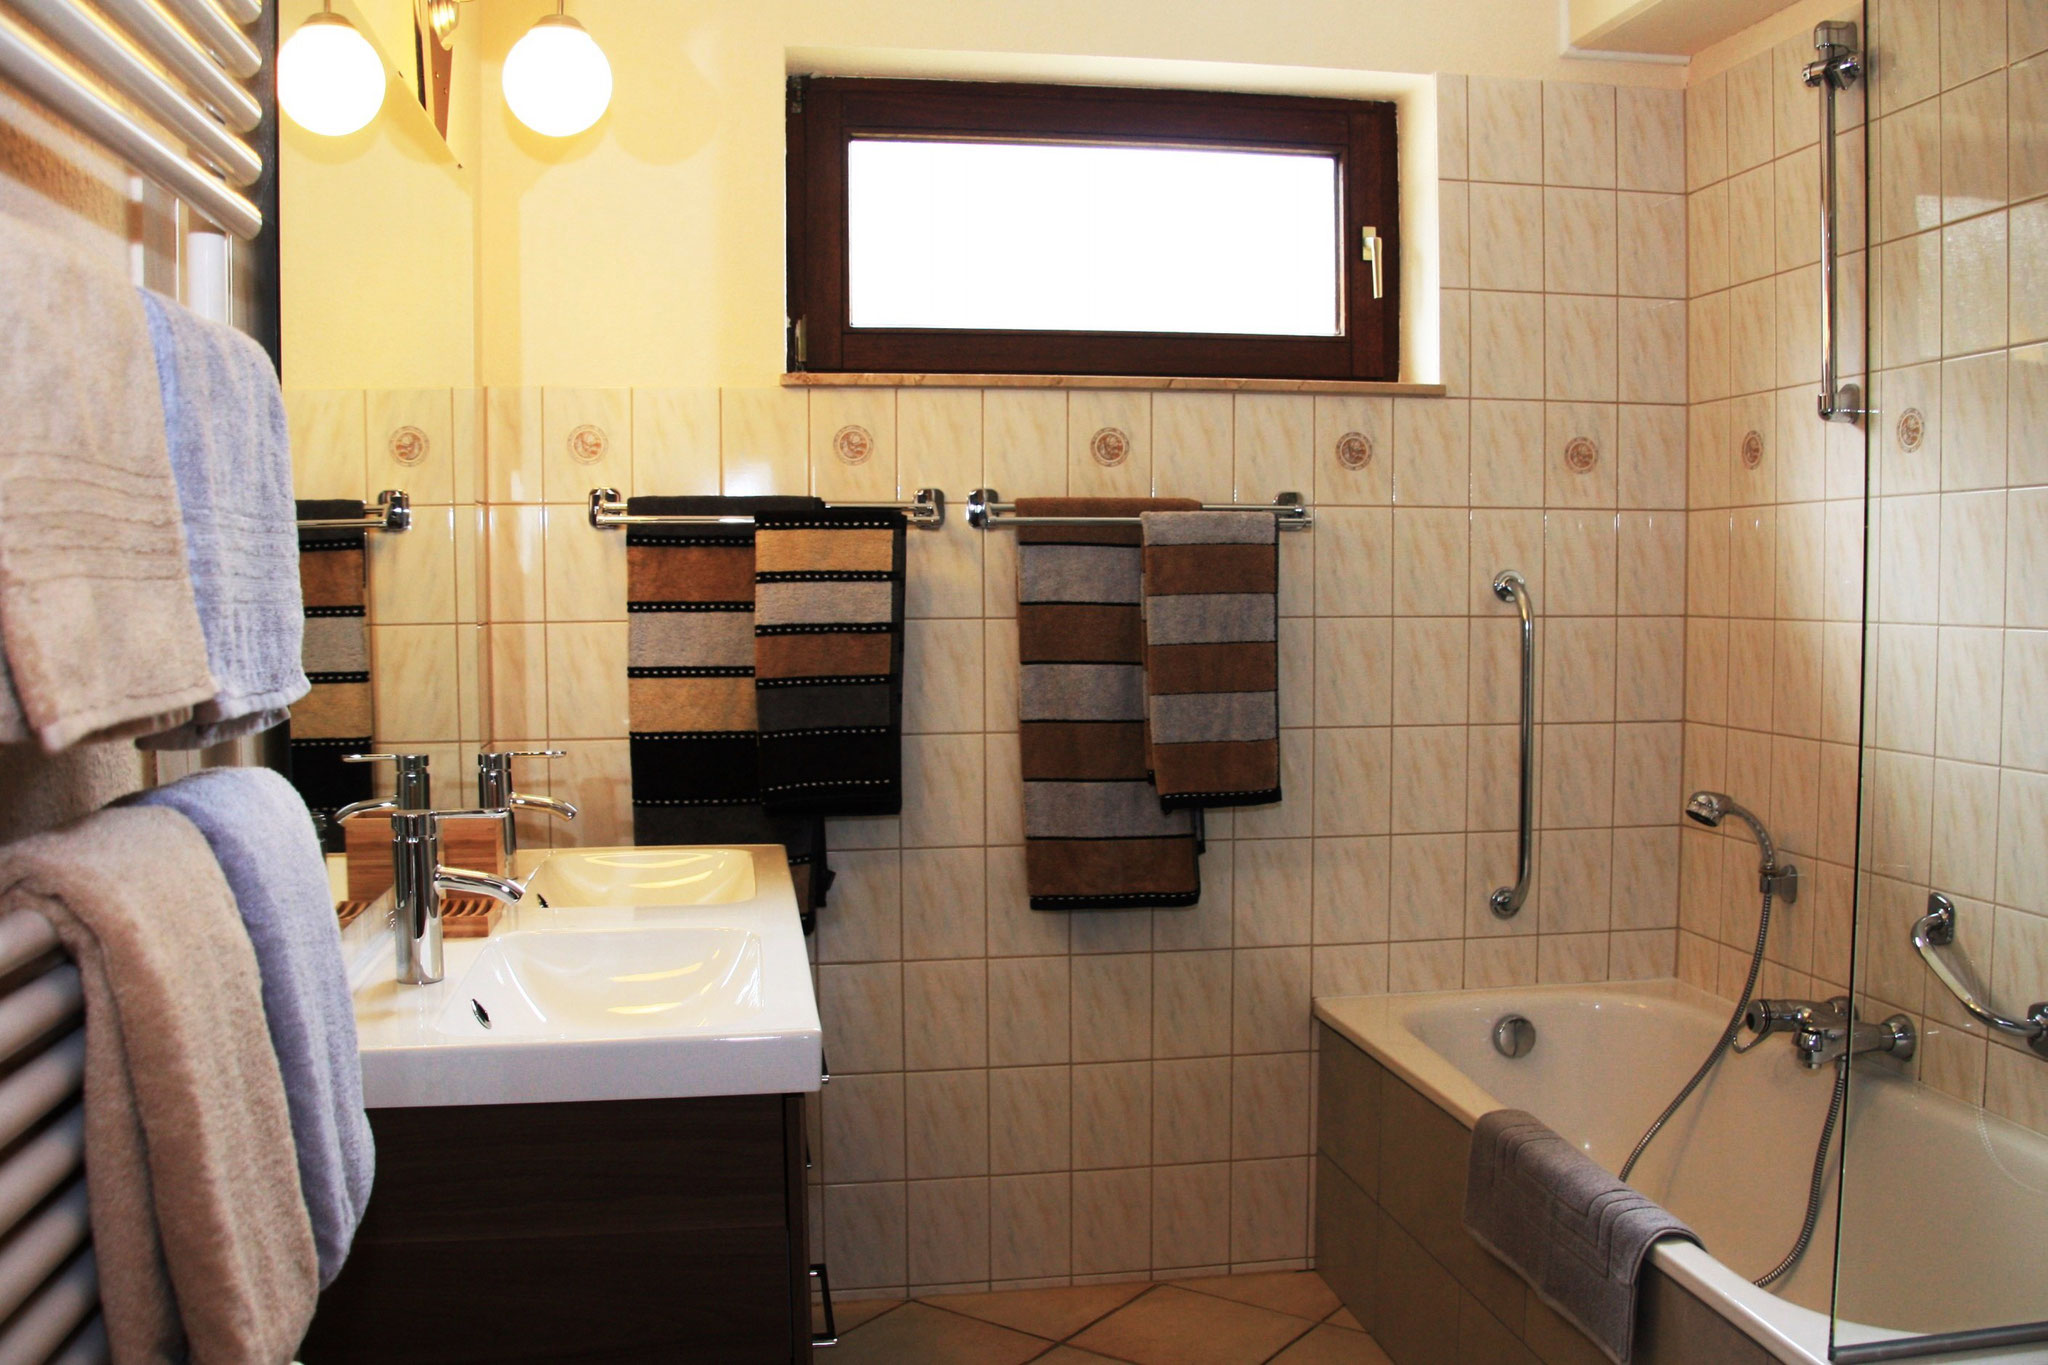 Dem Badezimmer wurde bei der Renovierung besondere Aufmerksamkeit geschenkt.   |  Bij de renovatie werd bijzondere aandacht besteed aan de badkamer.